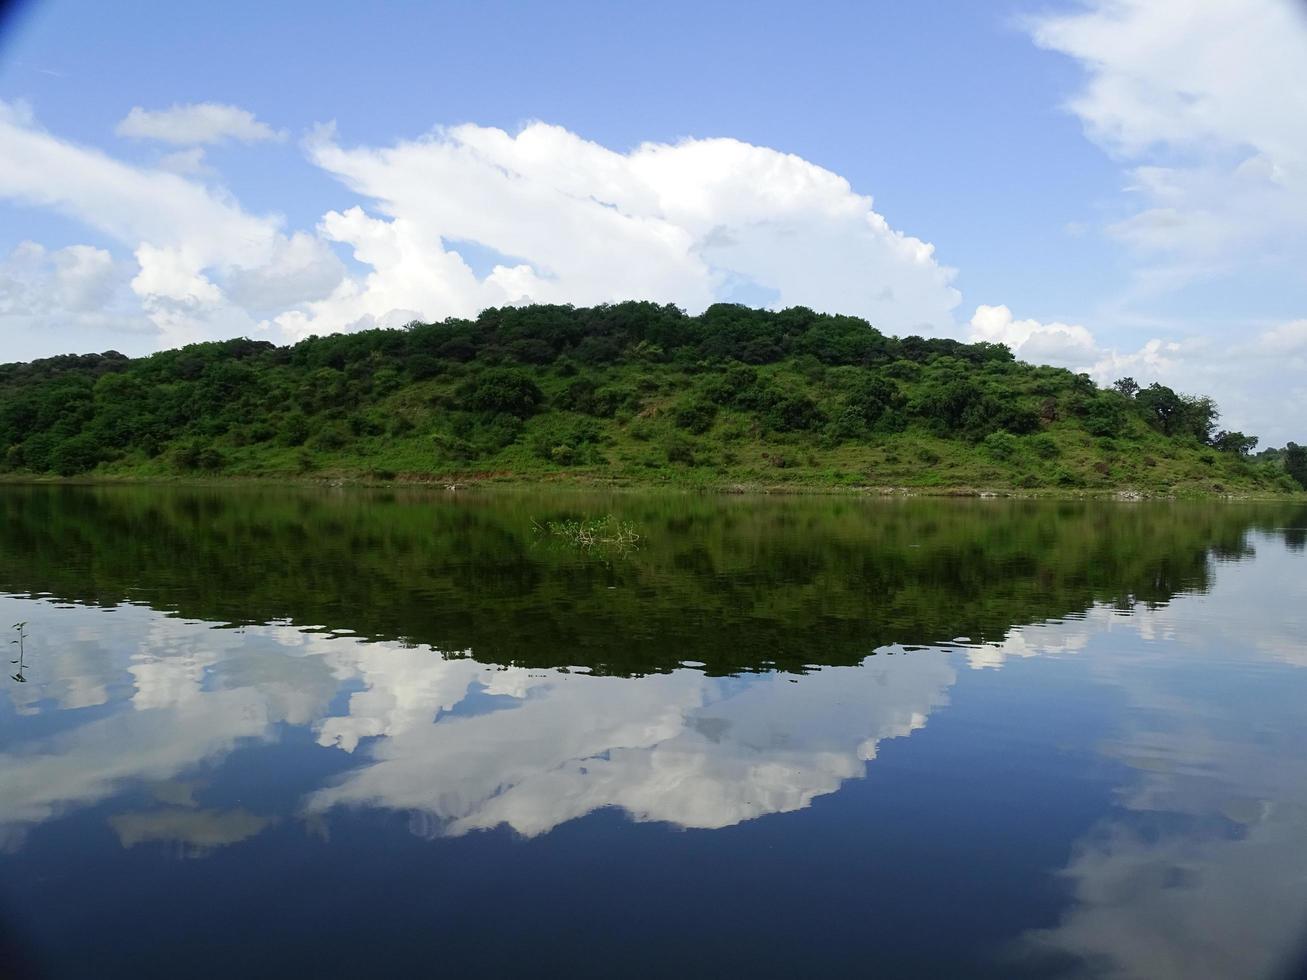 vista lateral del lago en la naturaleza foto